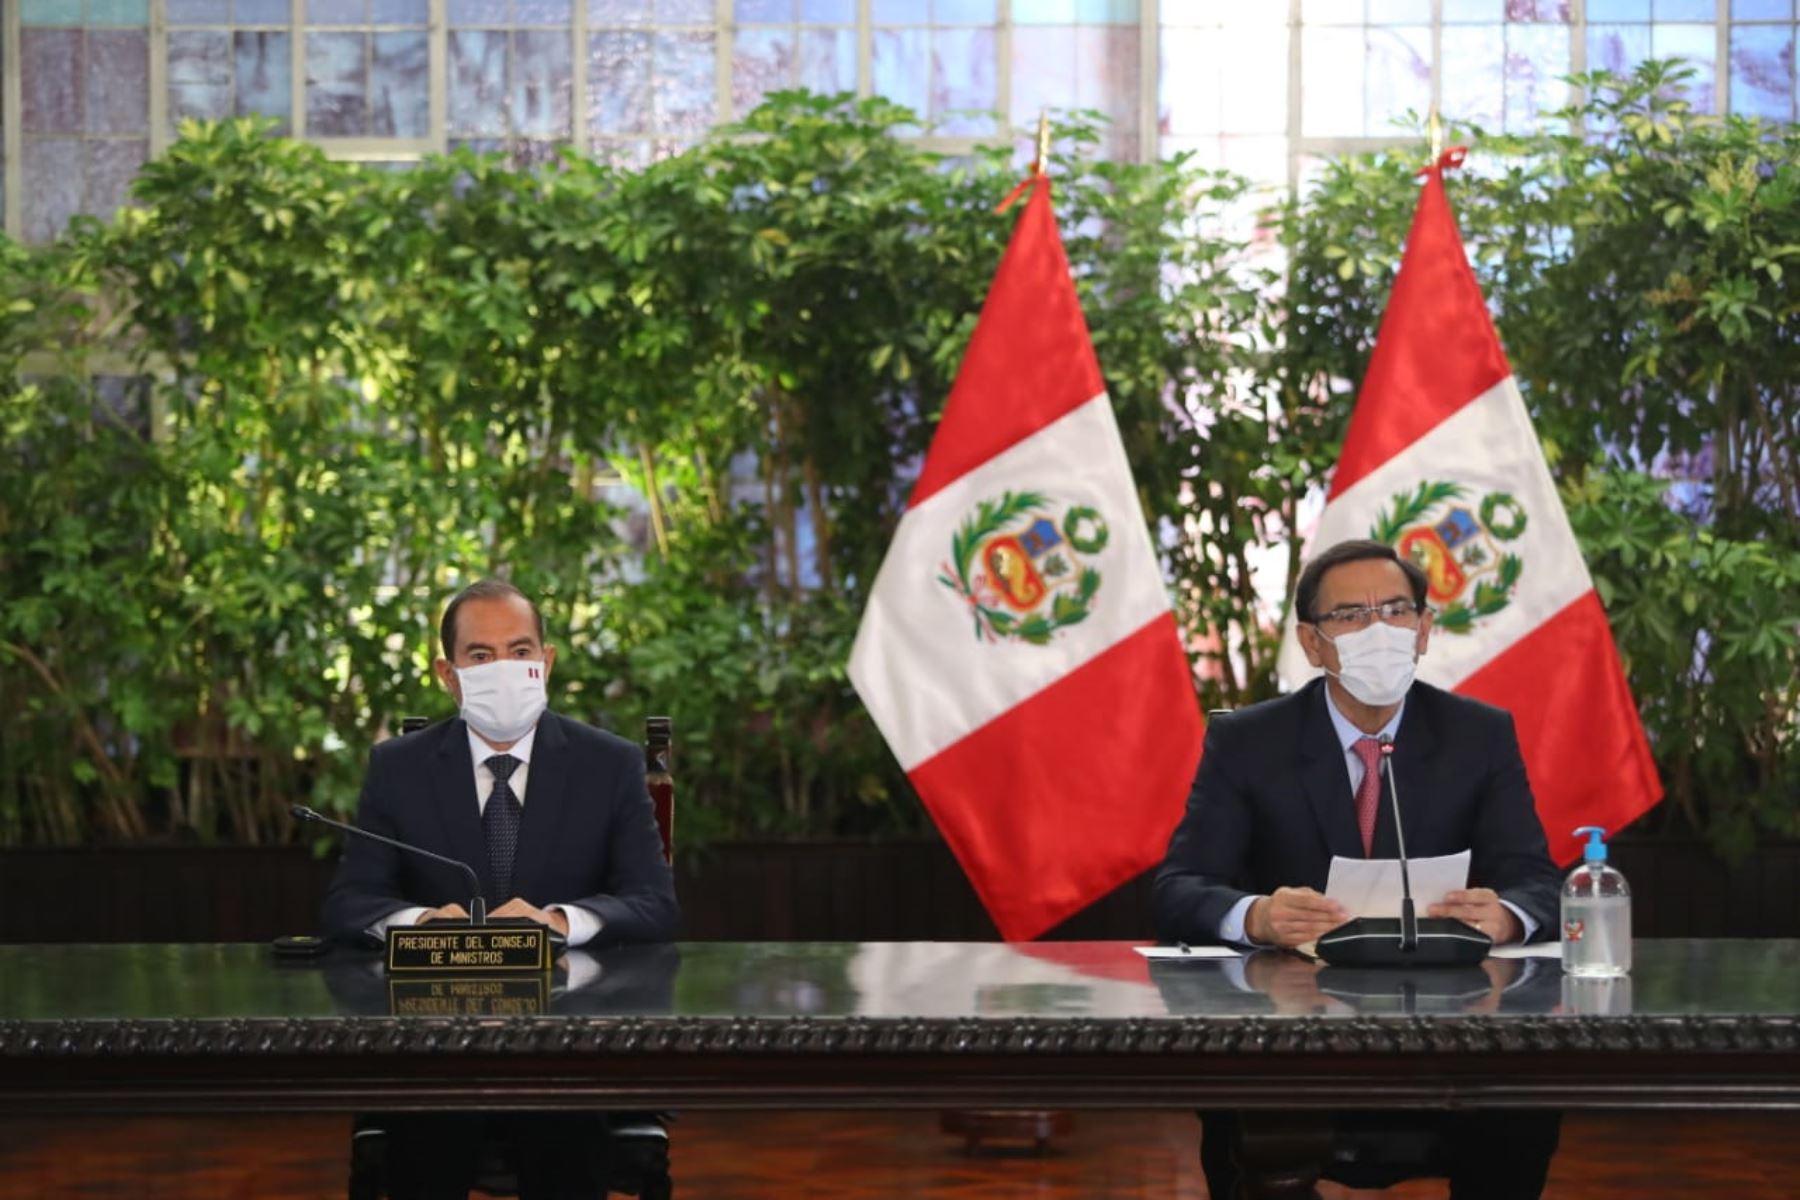 Pronunciamiento del presidente de la República,  Martin Vizcarra , junto a su gabinete de ministros. Foto: ANDINA/ Prensa Presidencia